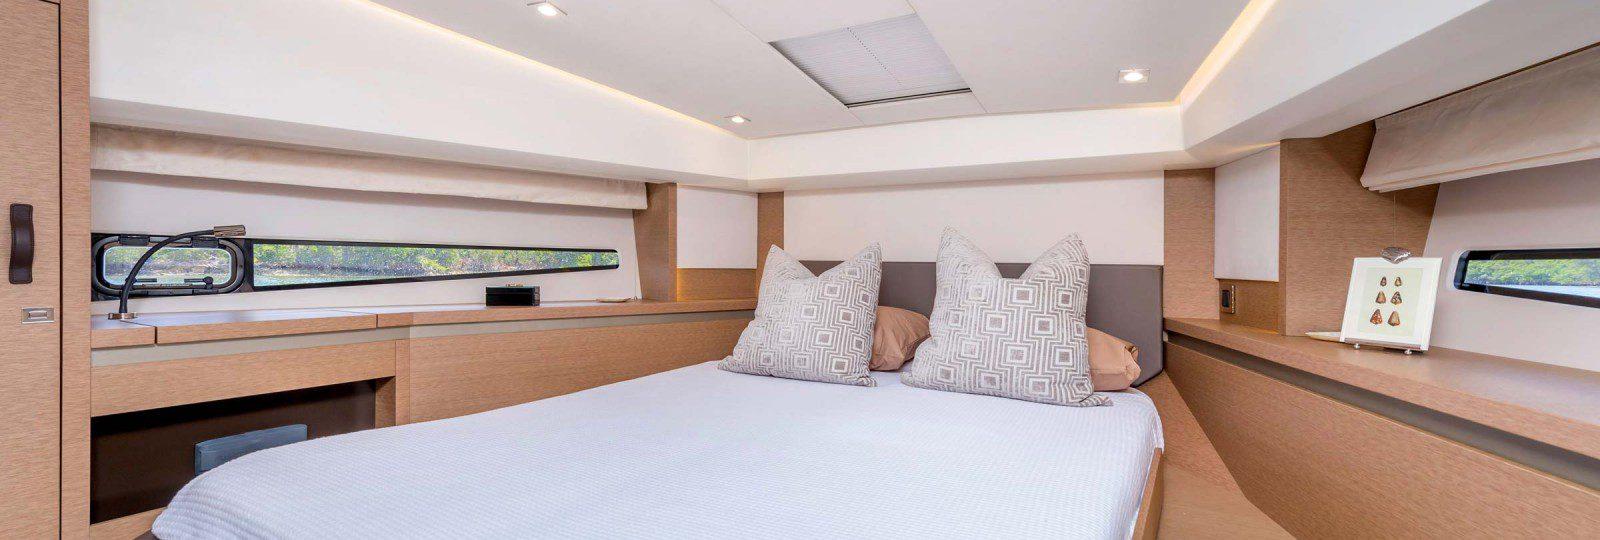 Prestige 460 Flybridge master cabin